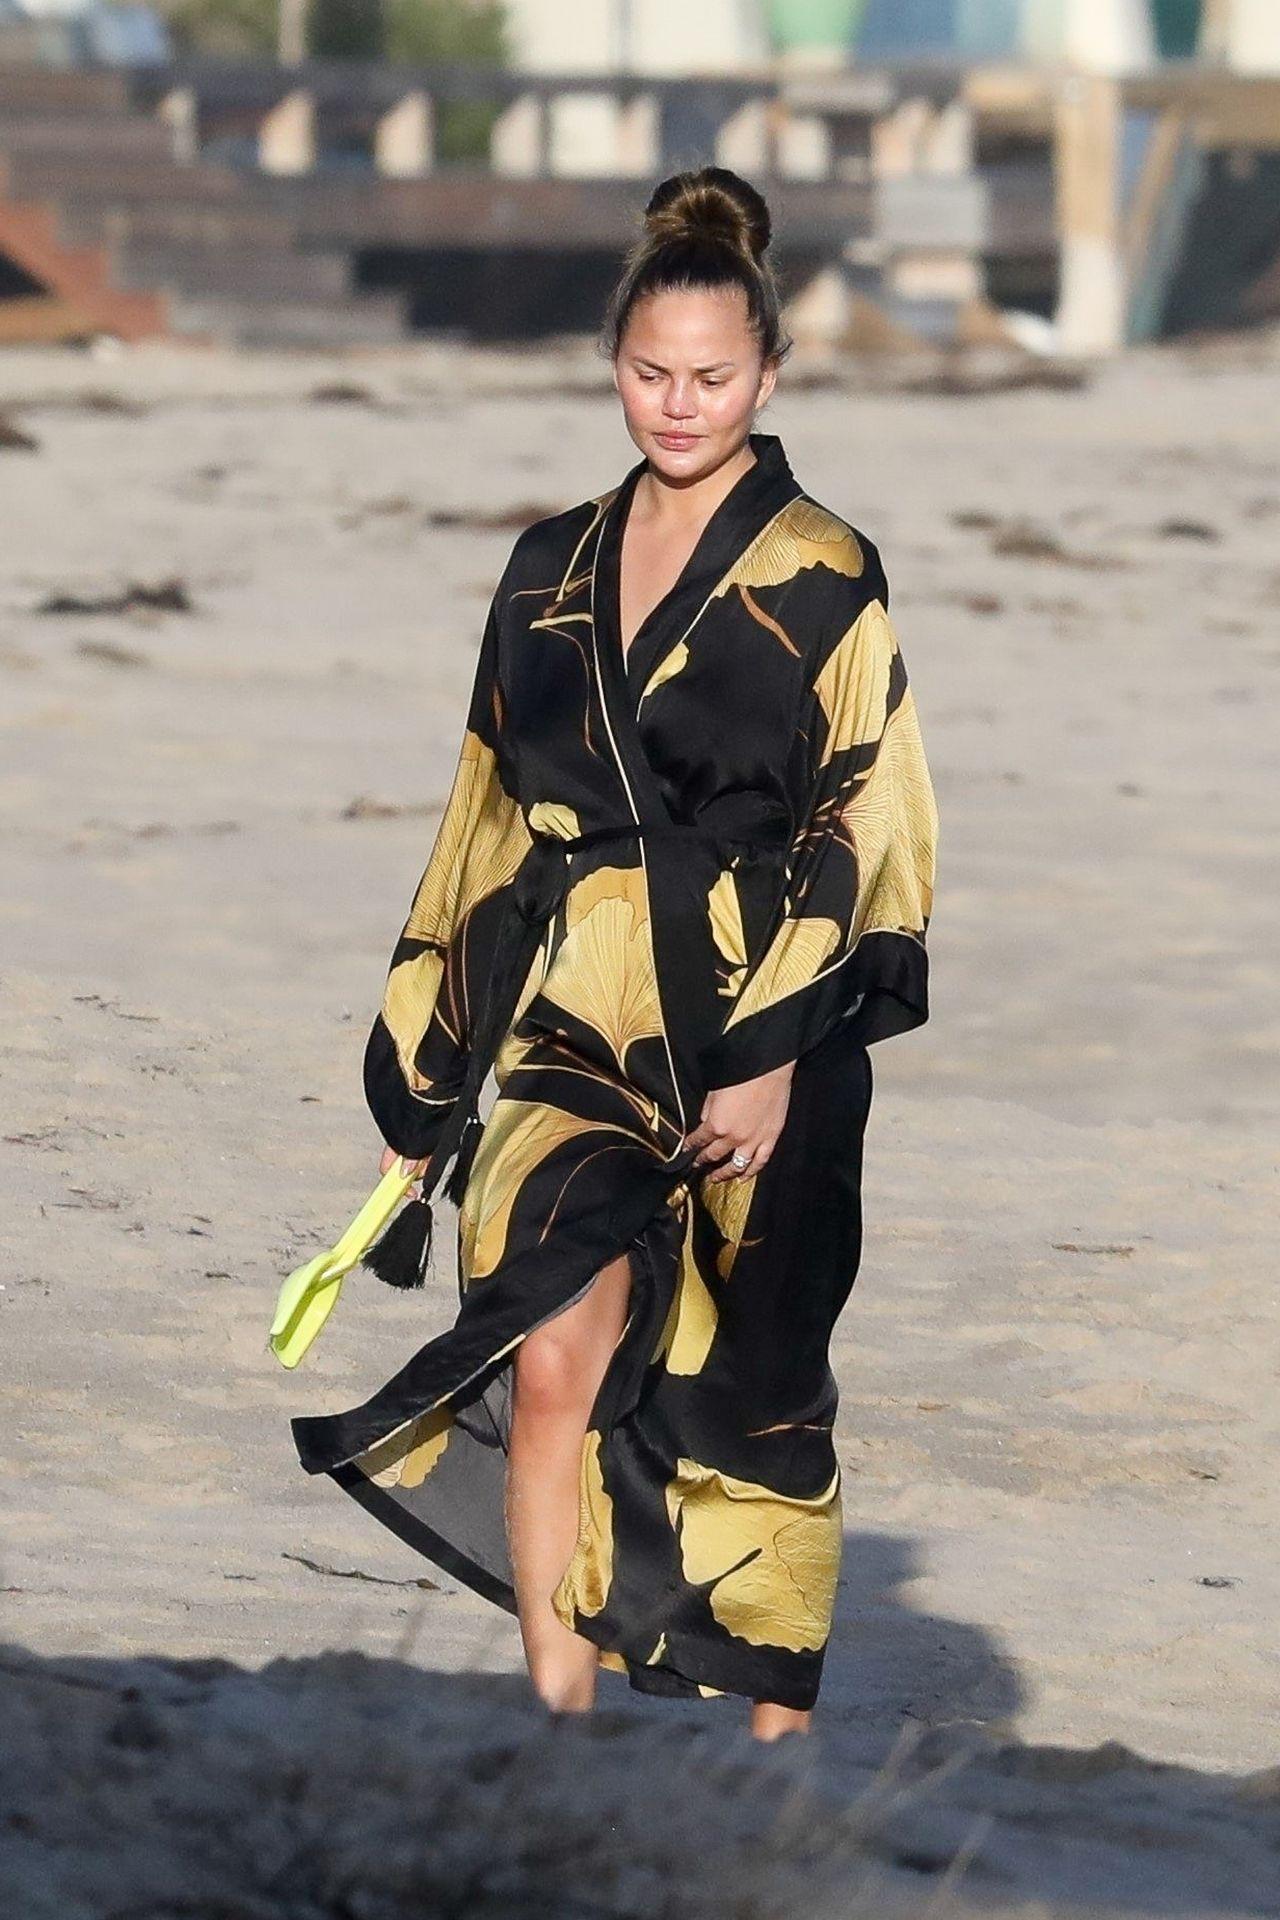 Chrissy Teigen Enjoys A Beach Day In Malibu Amid All Coronavirus Chaos 0013